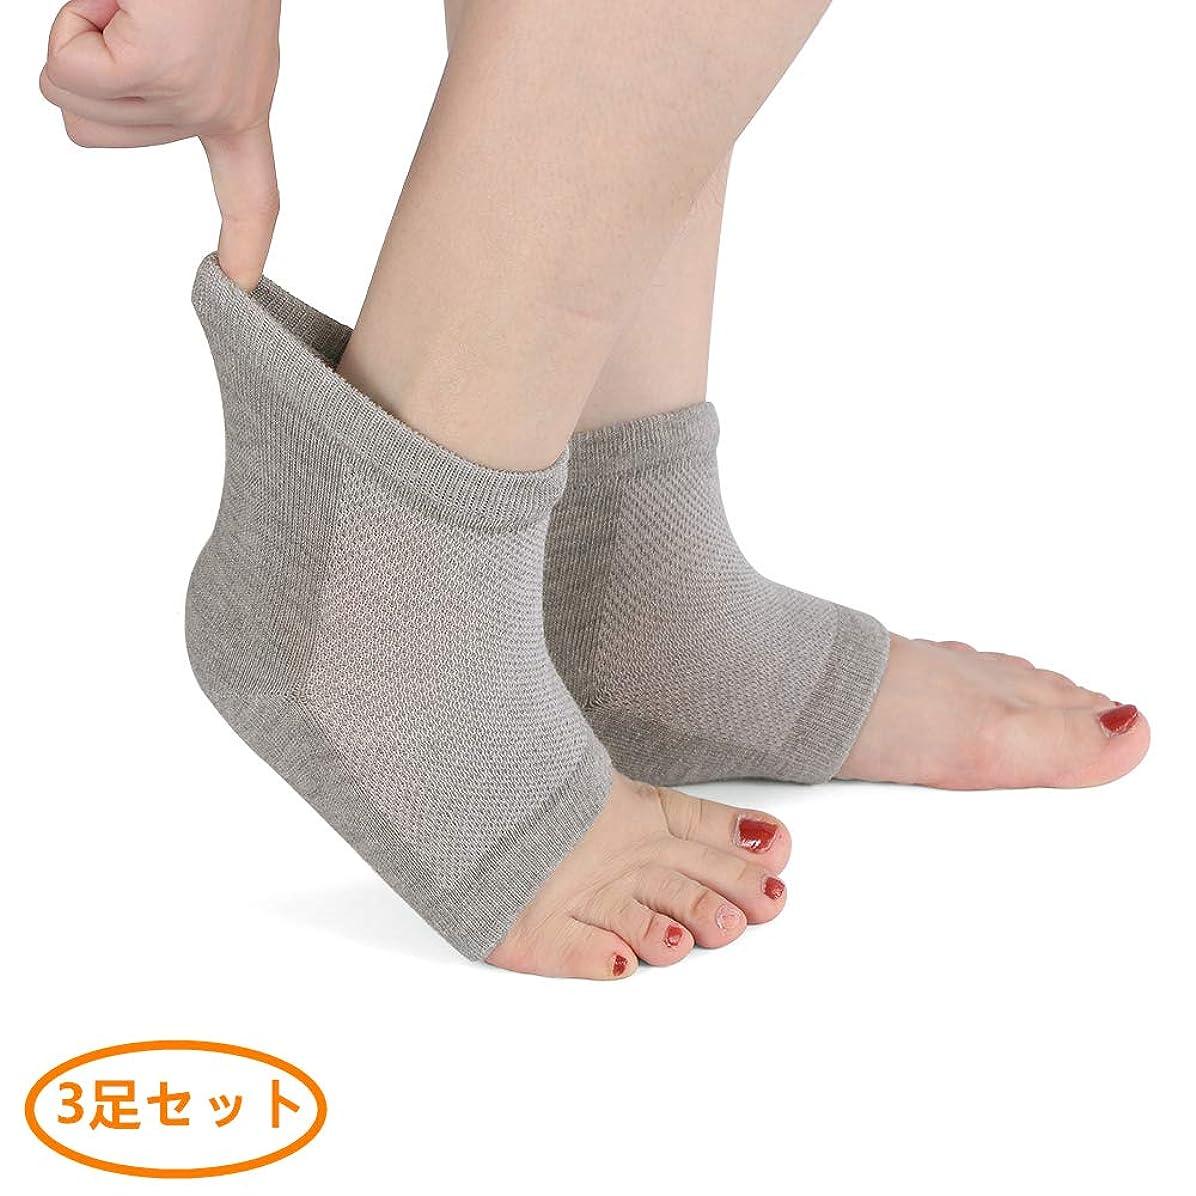 援助する免除するしたいYUANSHOP1 かかとケア ソックス 3足セット かかと靴下 レディース メンズ ひび割れケア/角質除去/保湿/美容 足SPA 足ケア フリーサイズ (グレー)